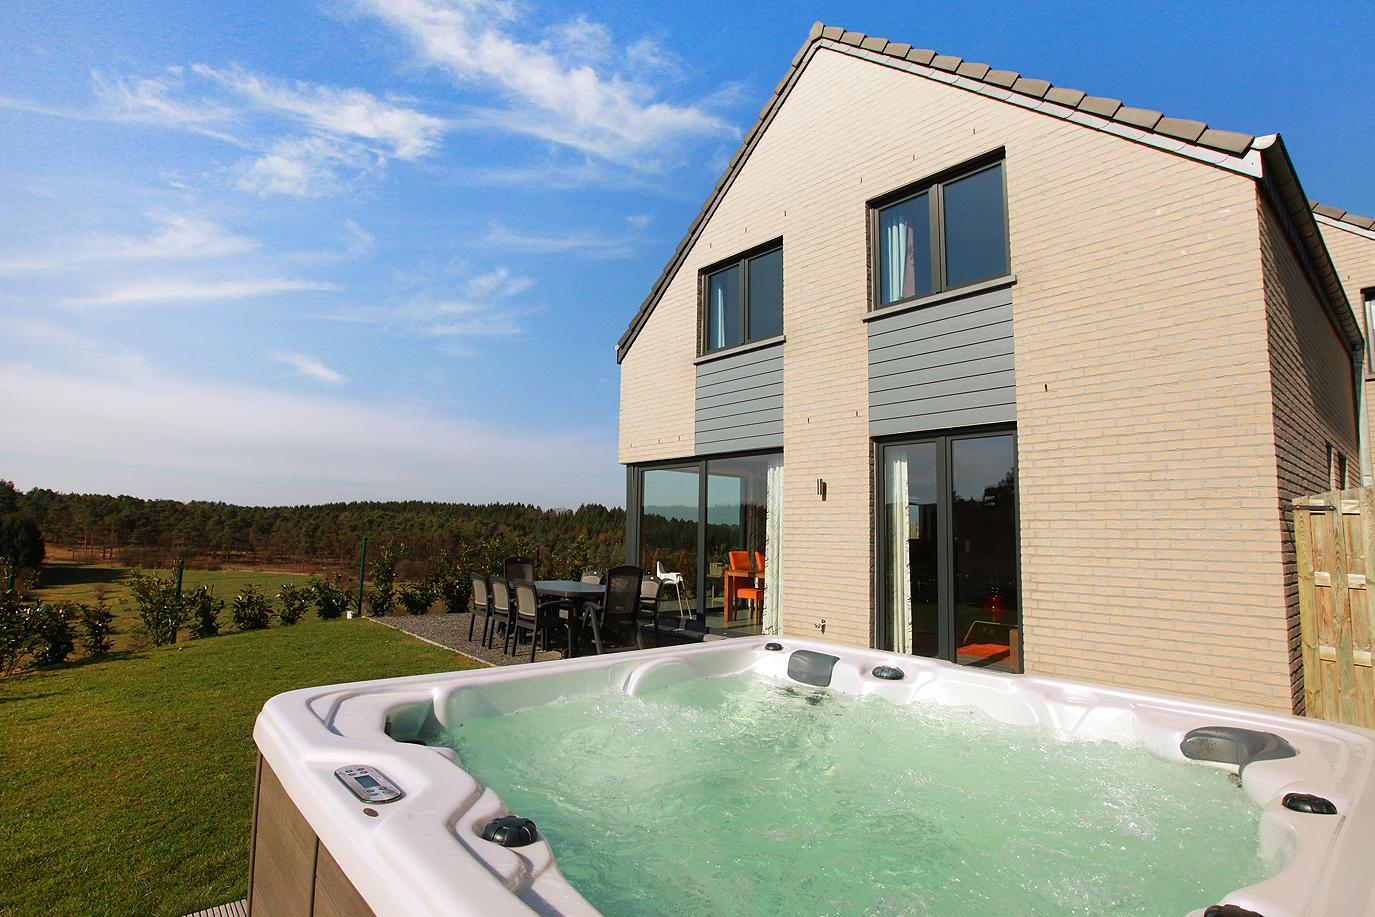 Maison de vacances dans les Ardennes disposant d'un jacuzzi